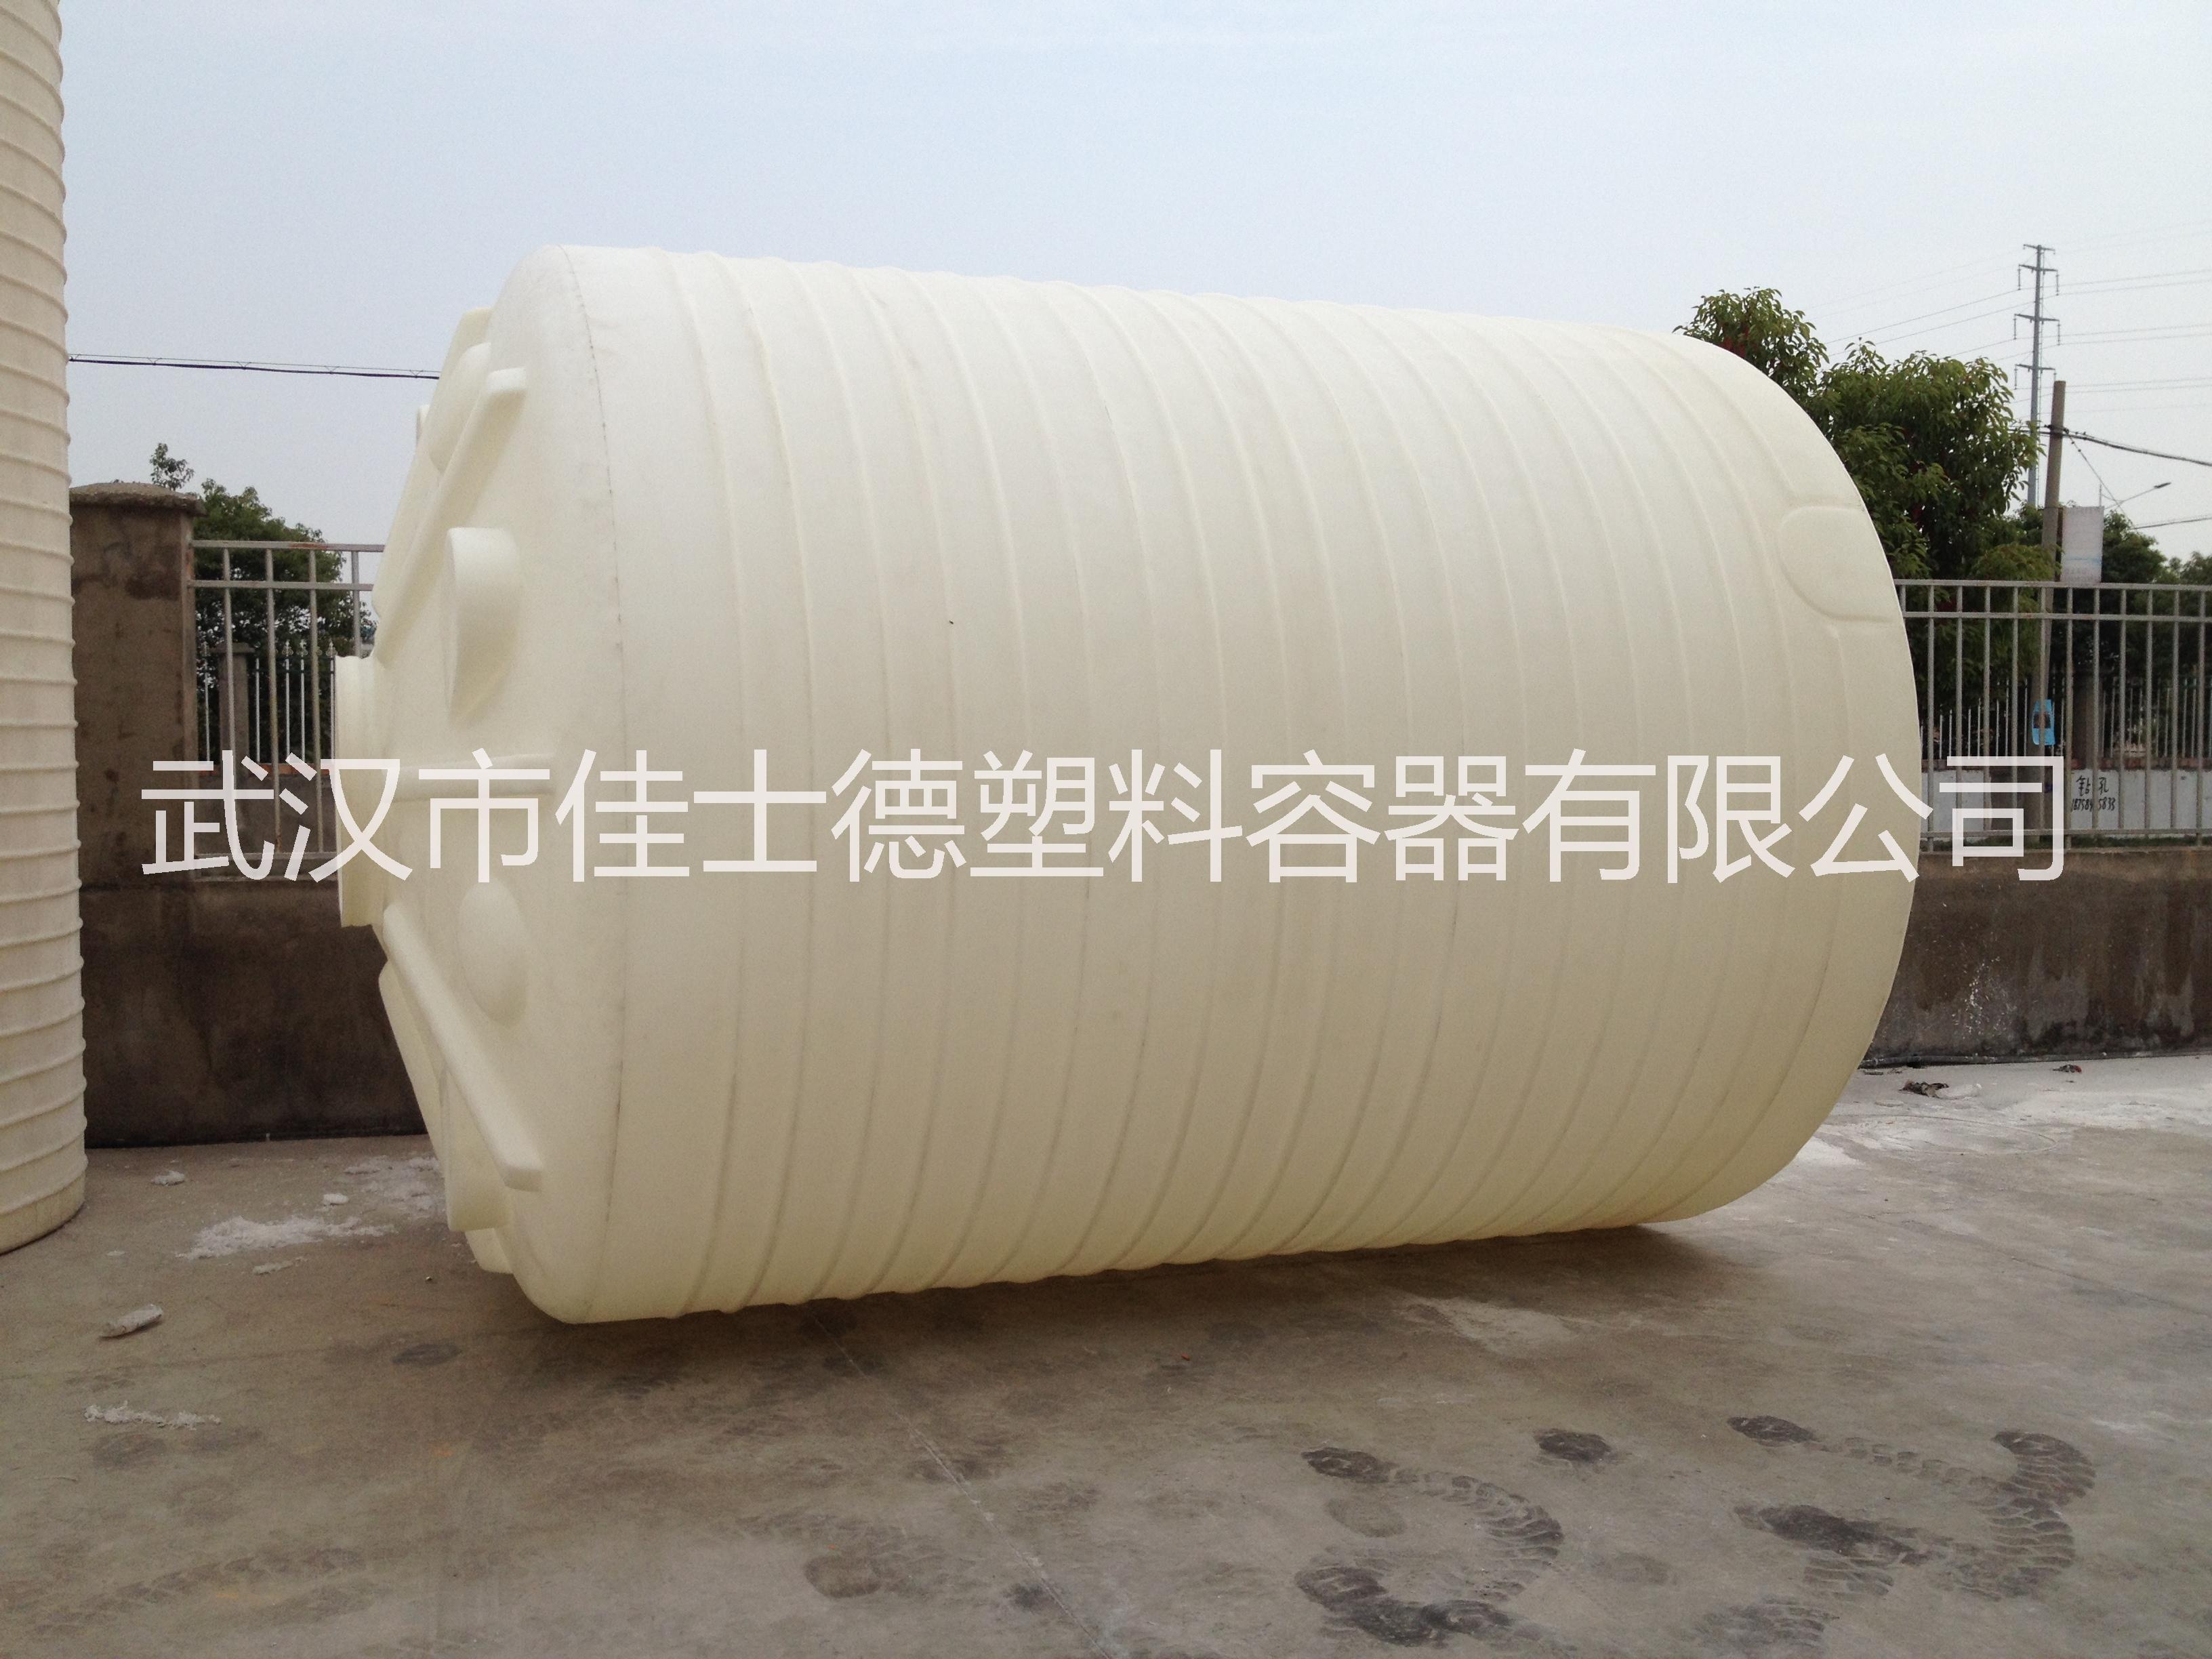 湖北10吨塑料水箱厂家直销 湖北10吨塑料水箱PE储罐厂家 湖北10吨PE储罐塑料水箱厂家